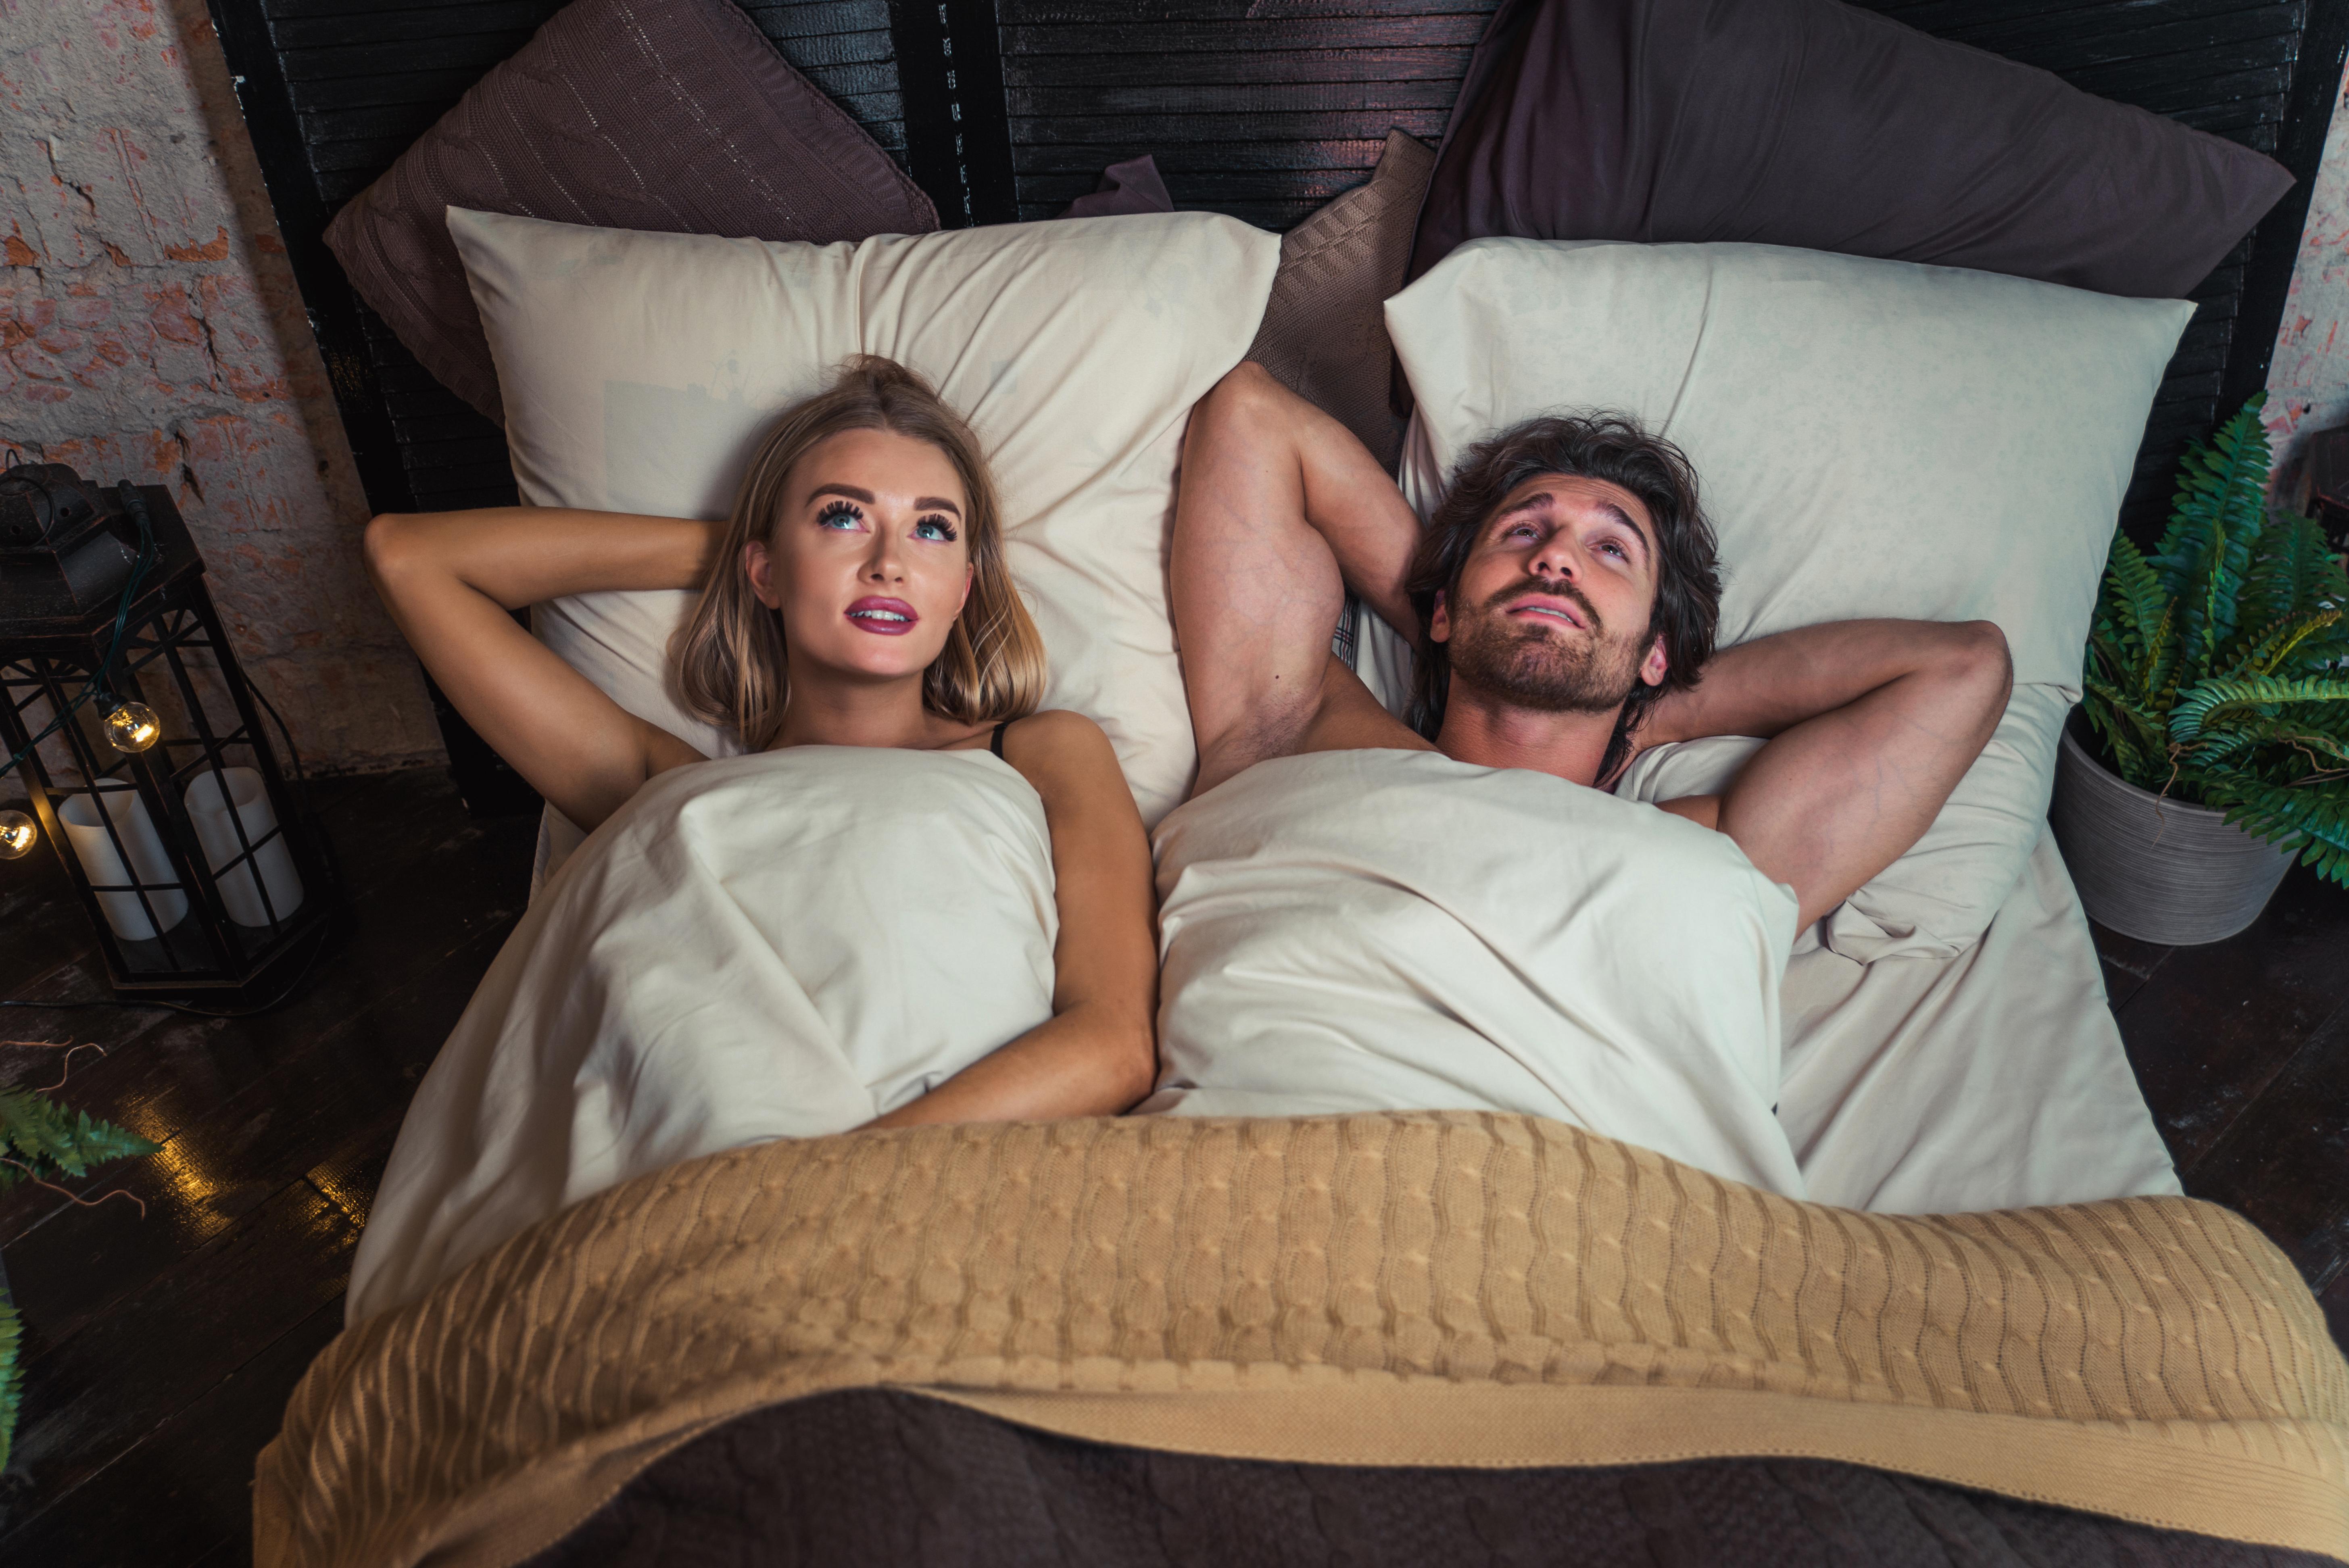 beste site voor casual dating uk eerste contact bericht online dating